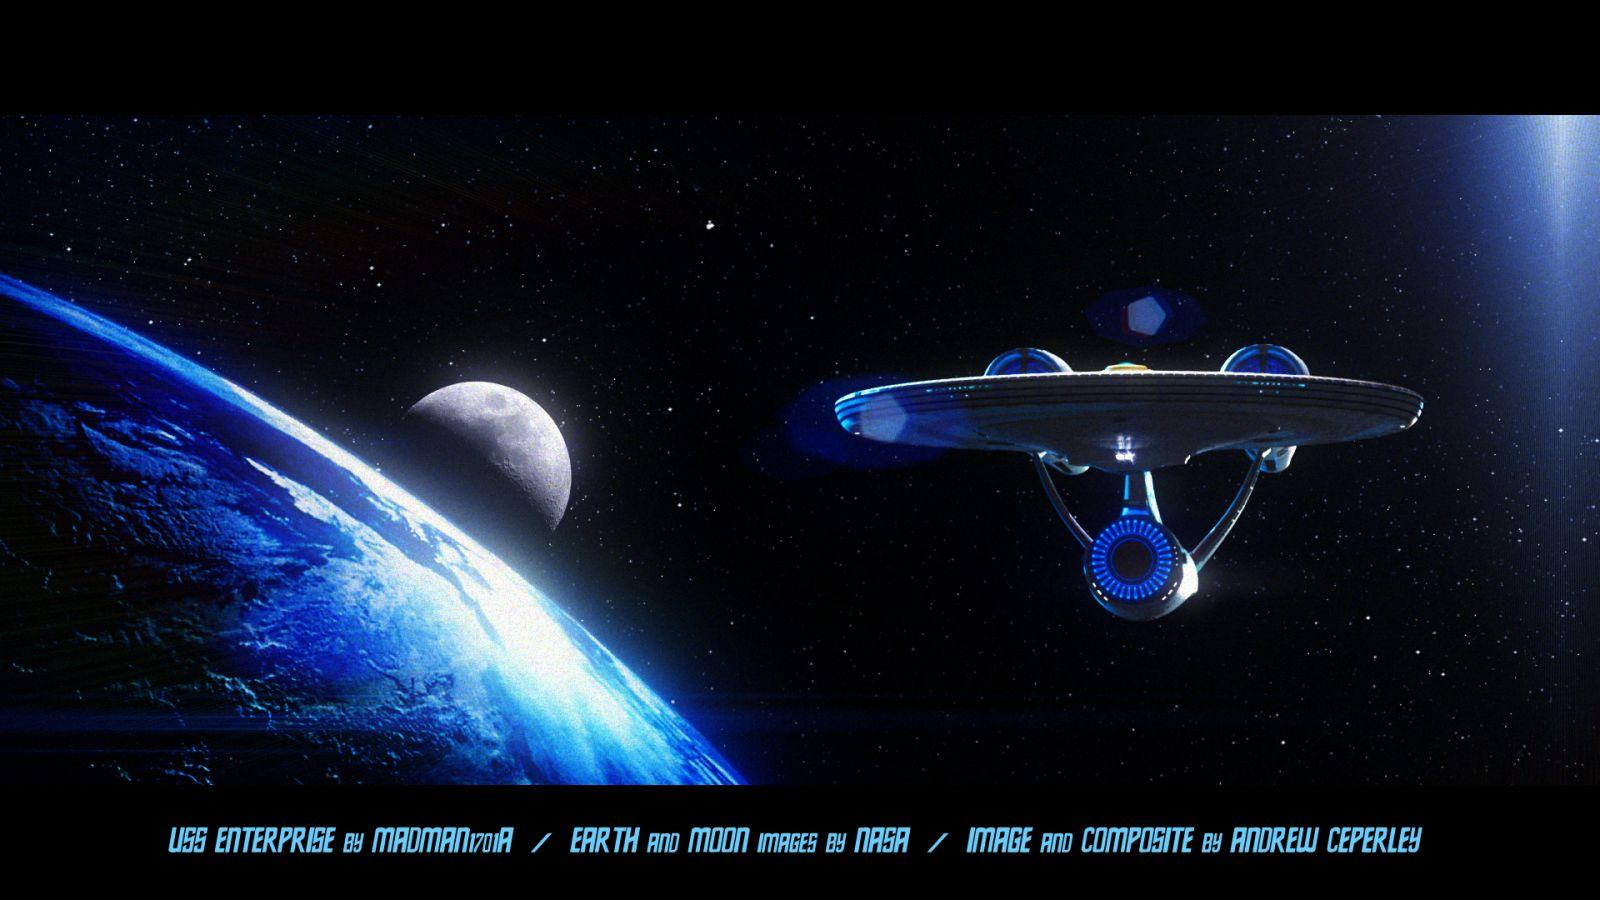 enterprise e wallpaper hd - photo #3